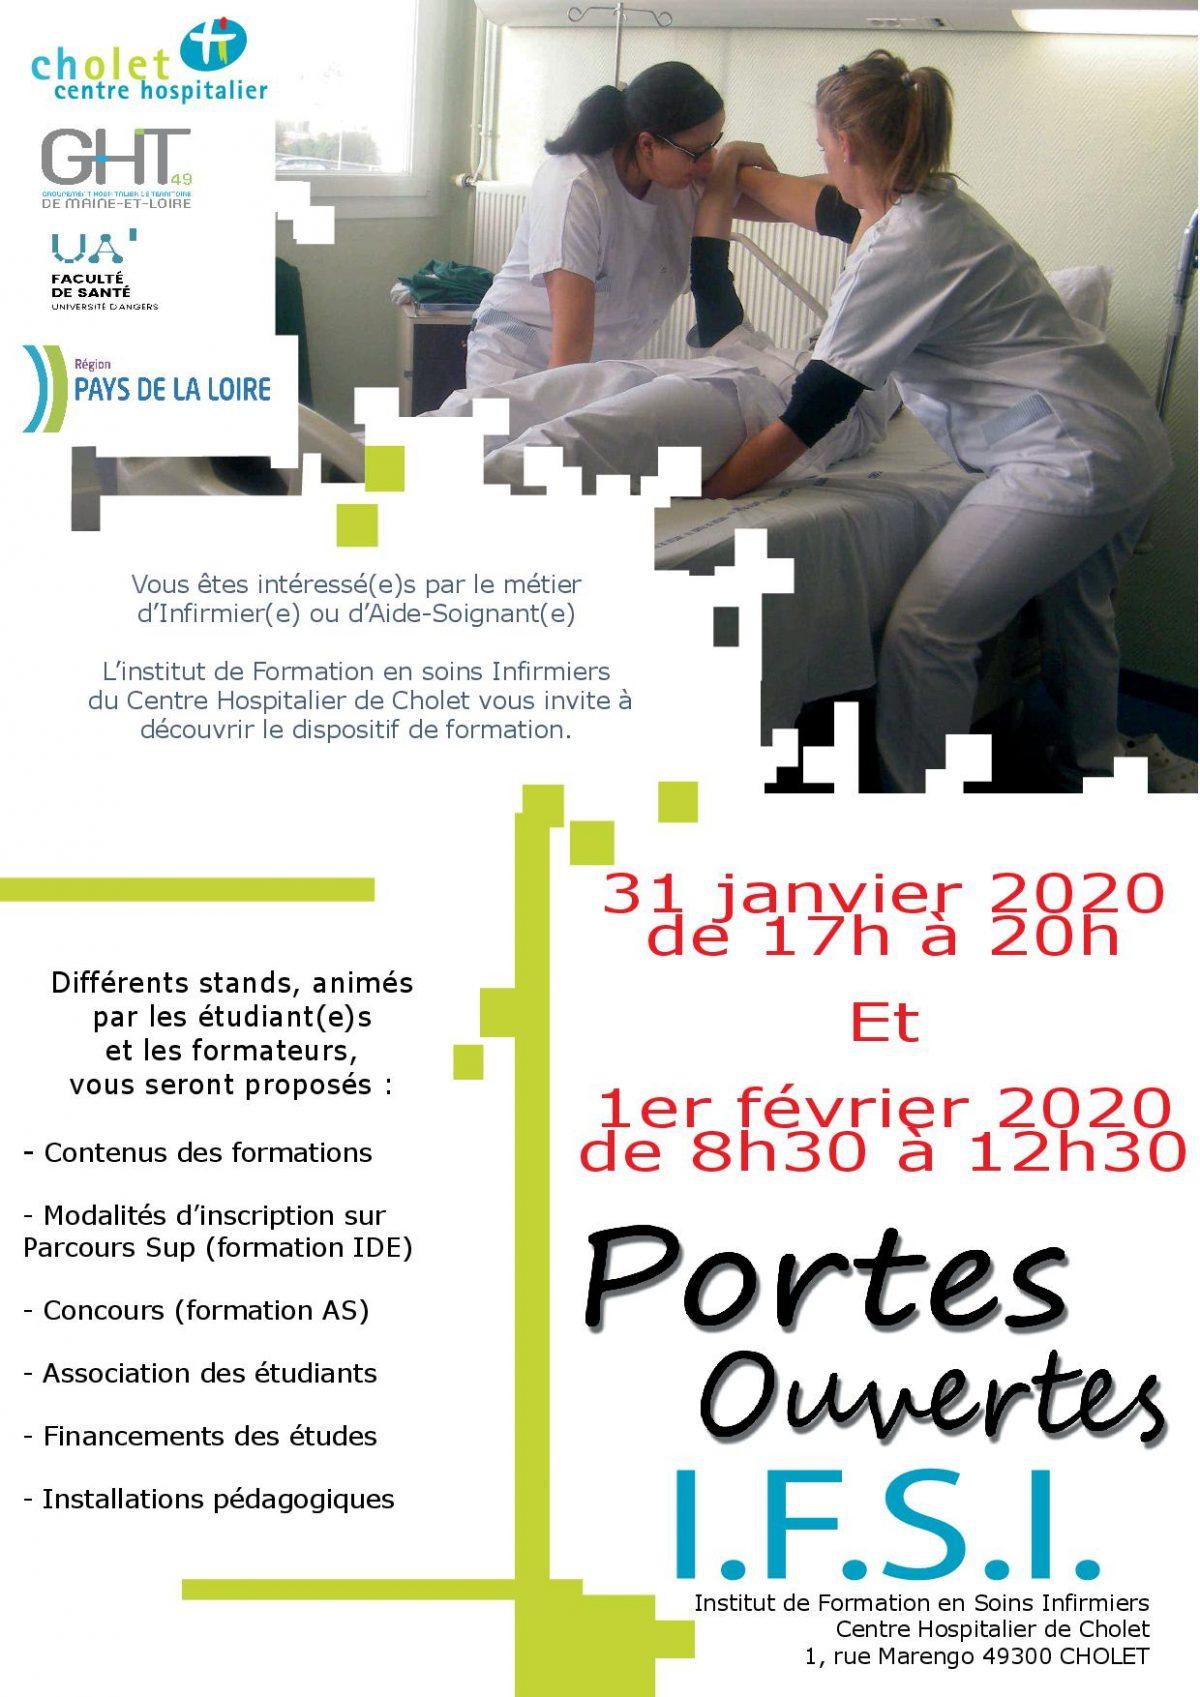 Portes ouvertes IFSI 2020